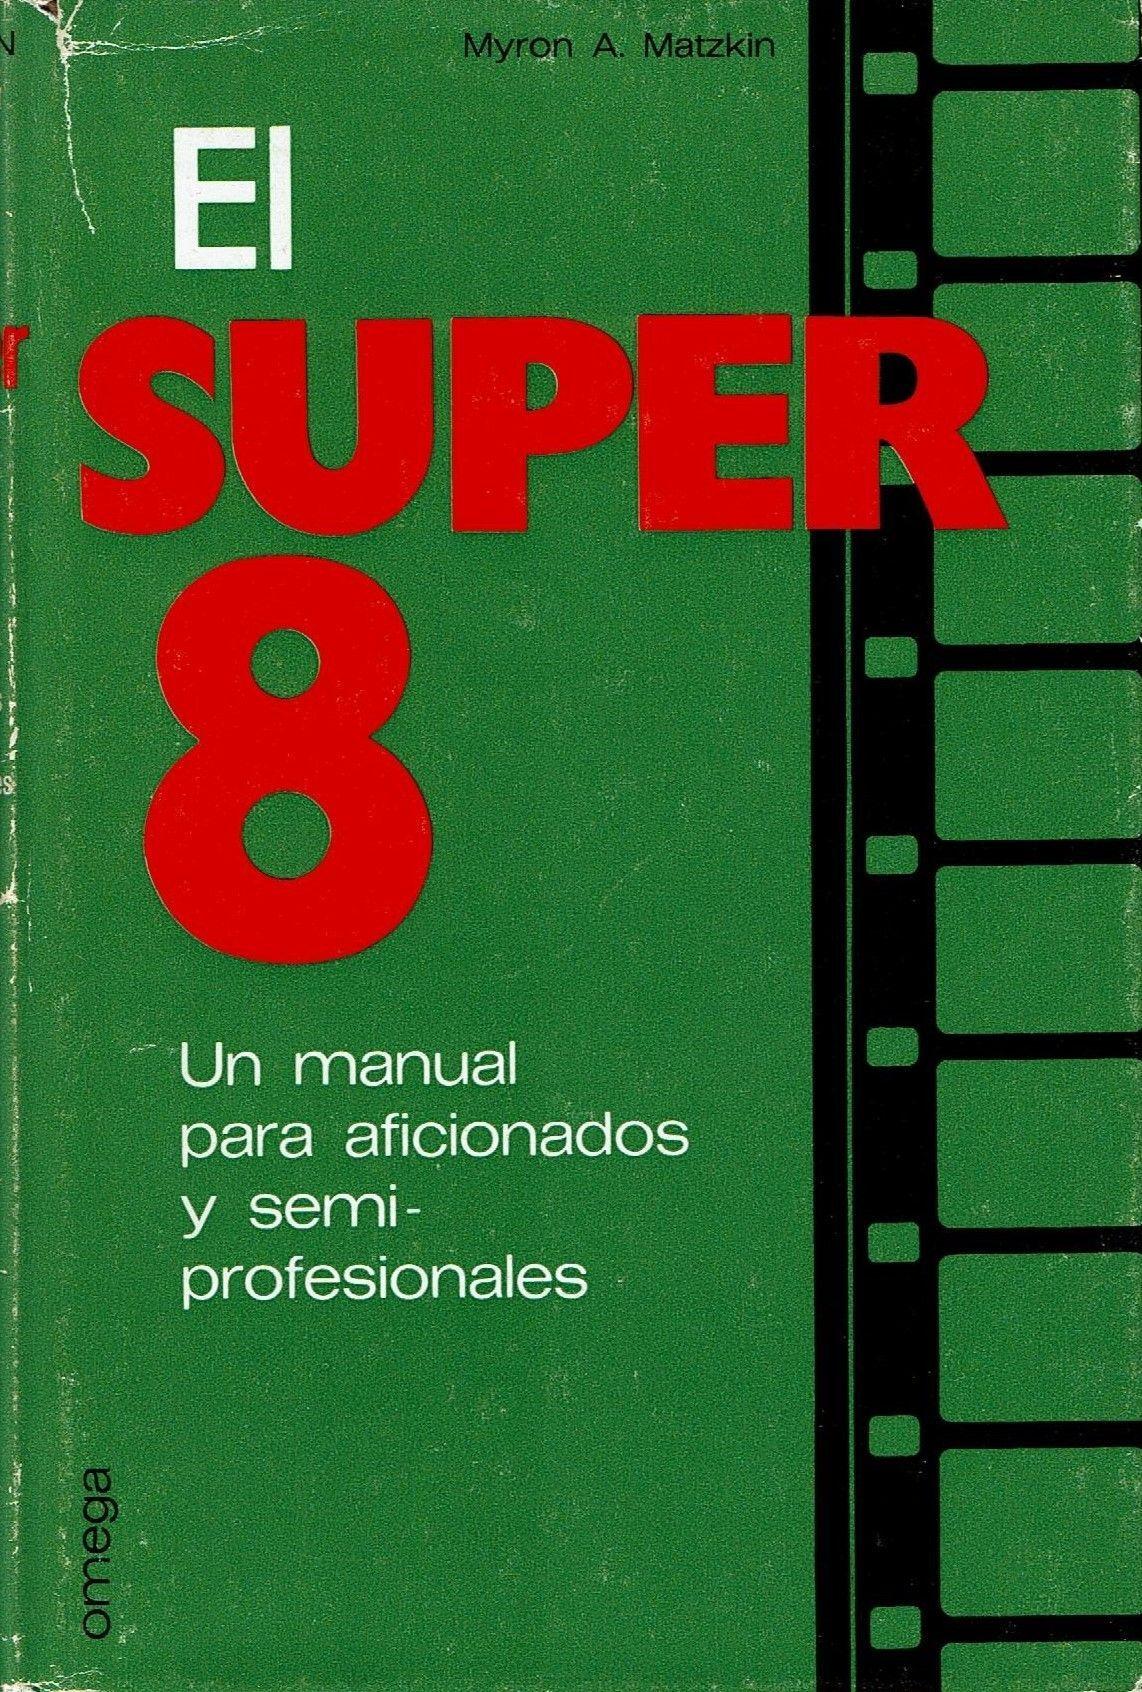 El Super 8 de Myron A. Matzkin